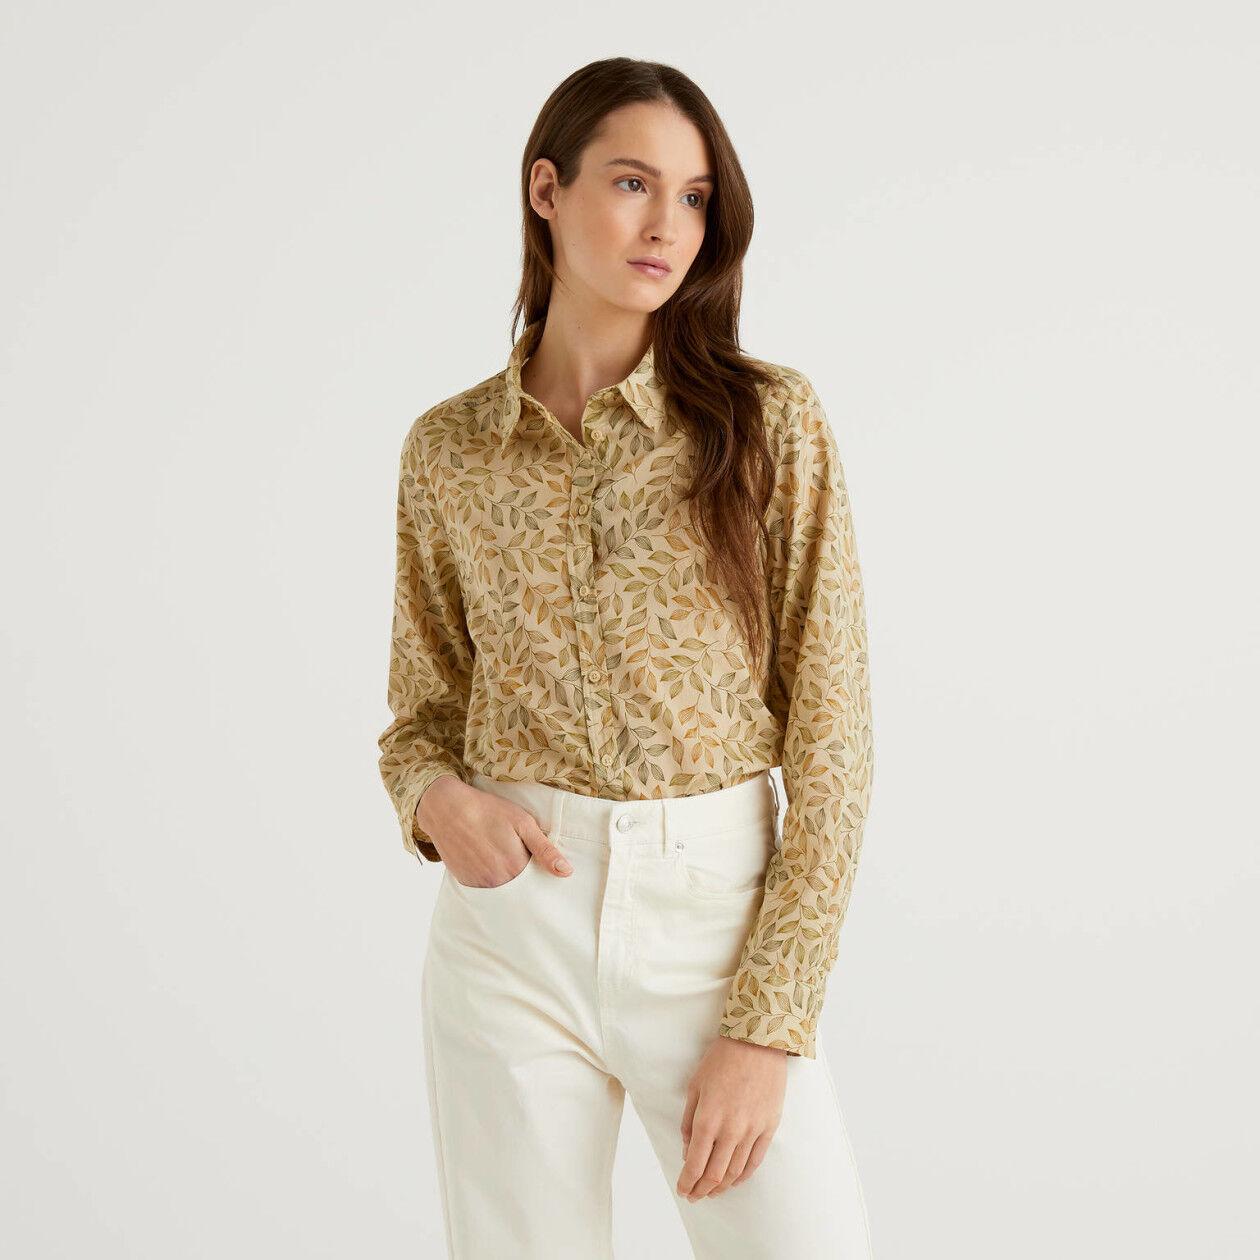 Camicia beige con stampa botanica 100% cotone